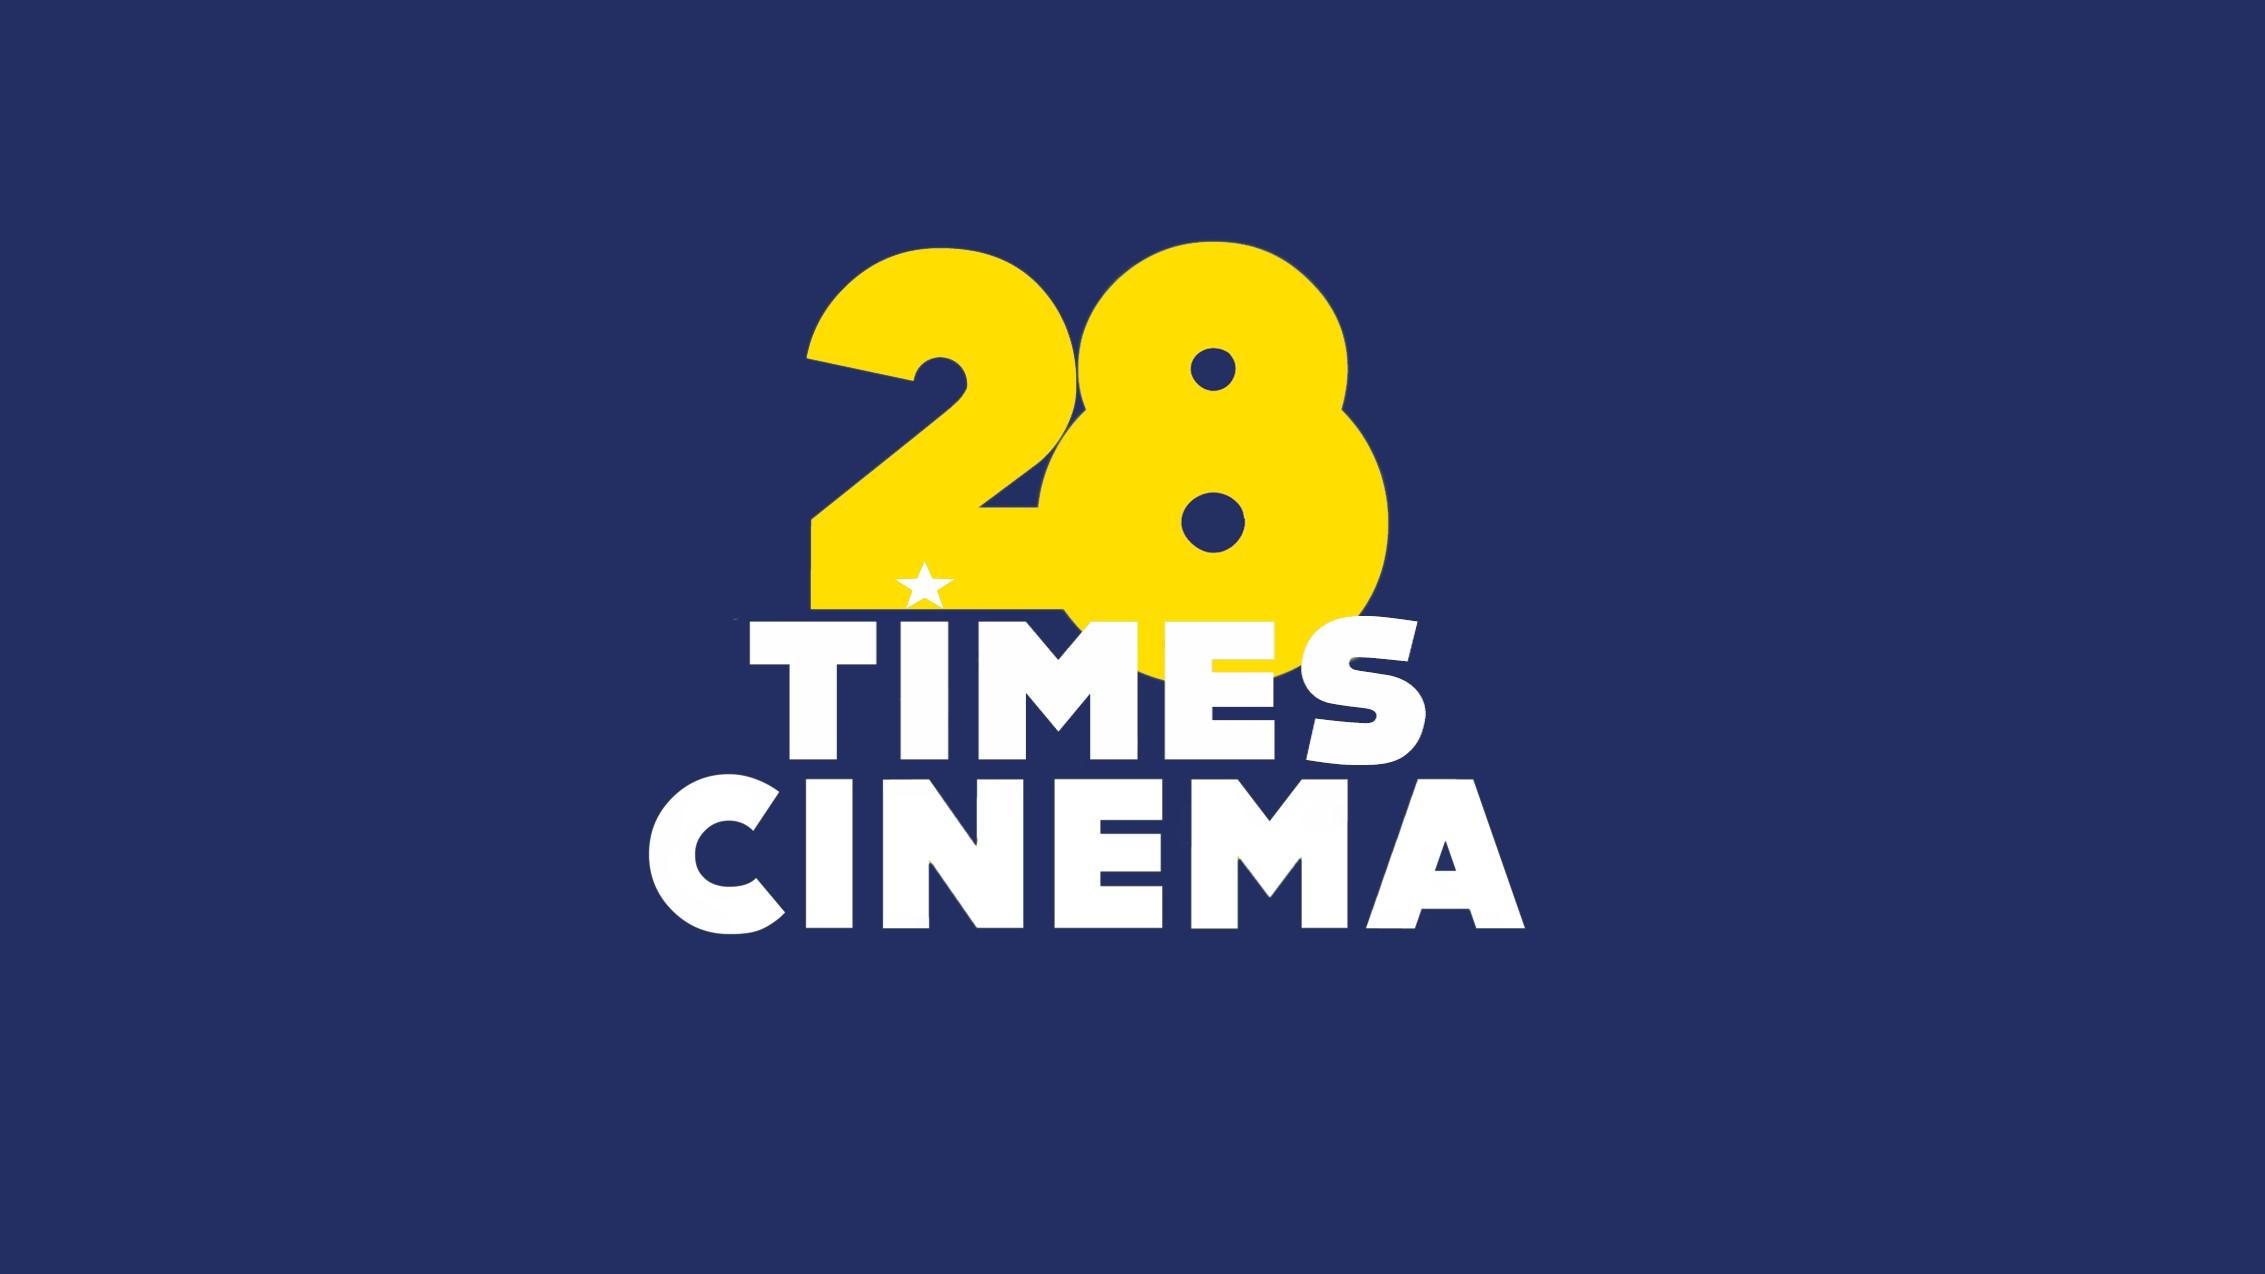 28-times-cinema-logo.jpg